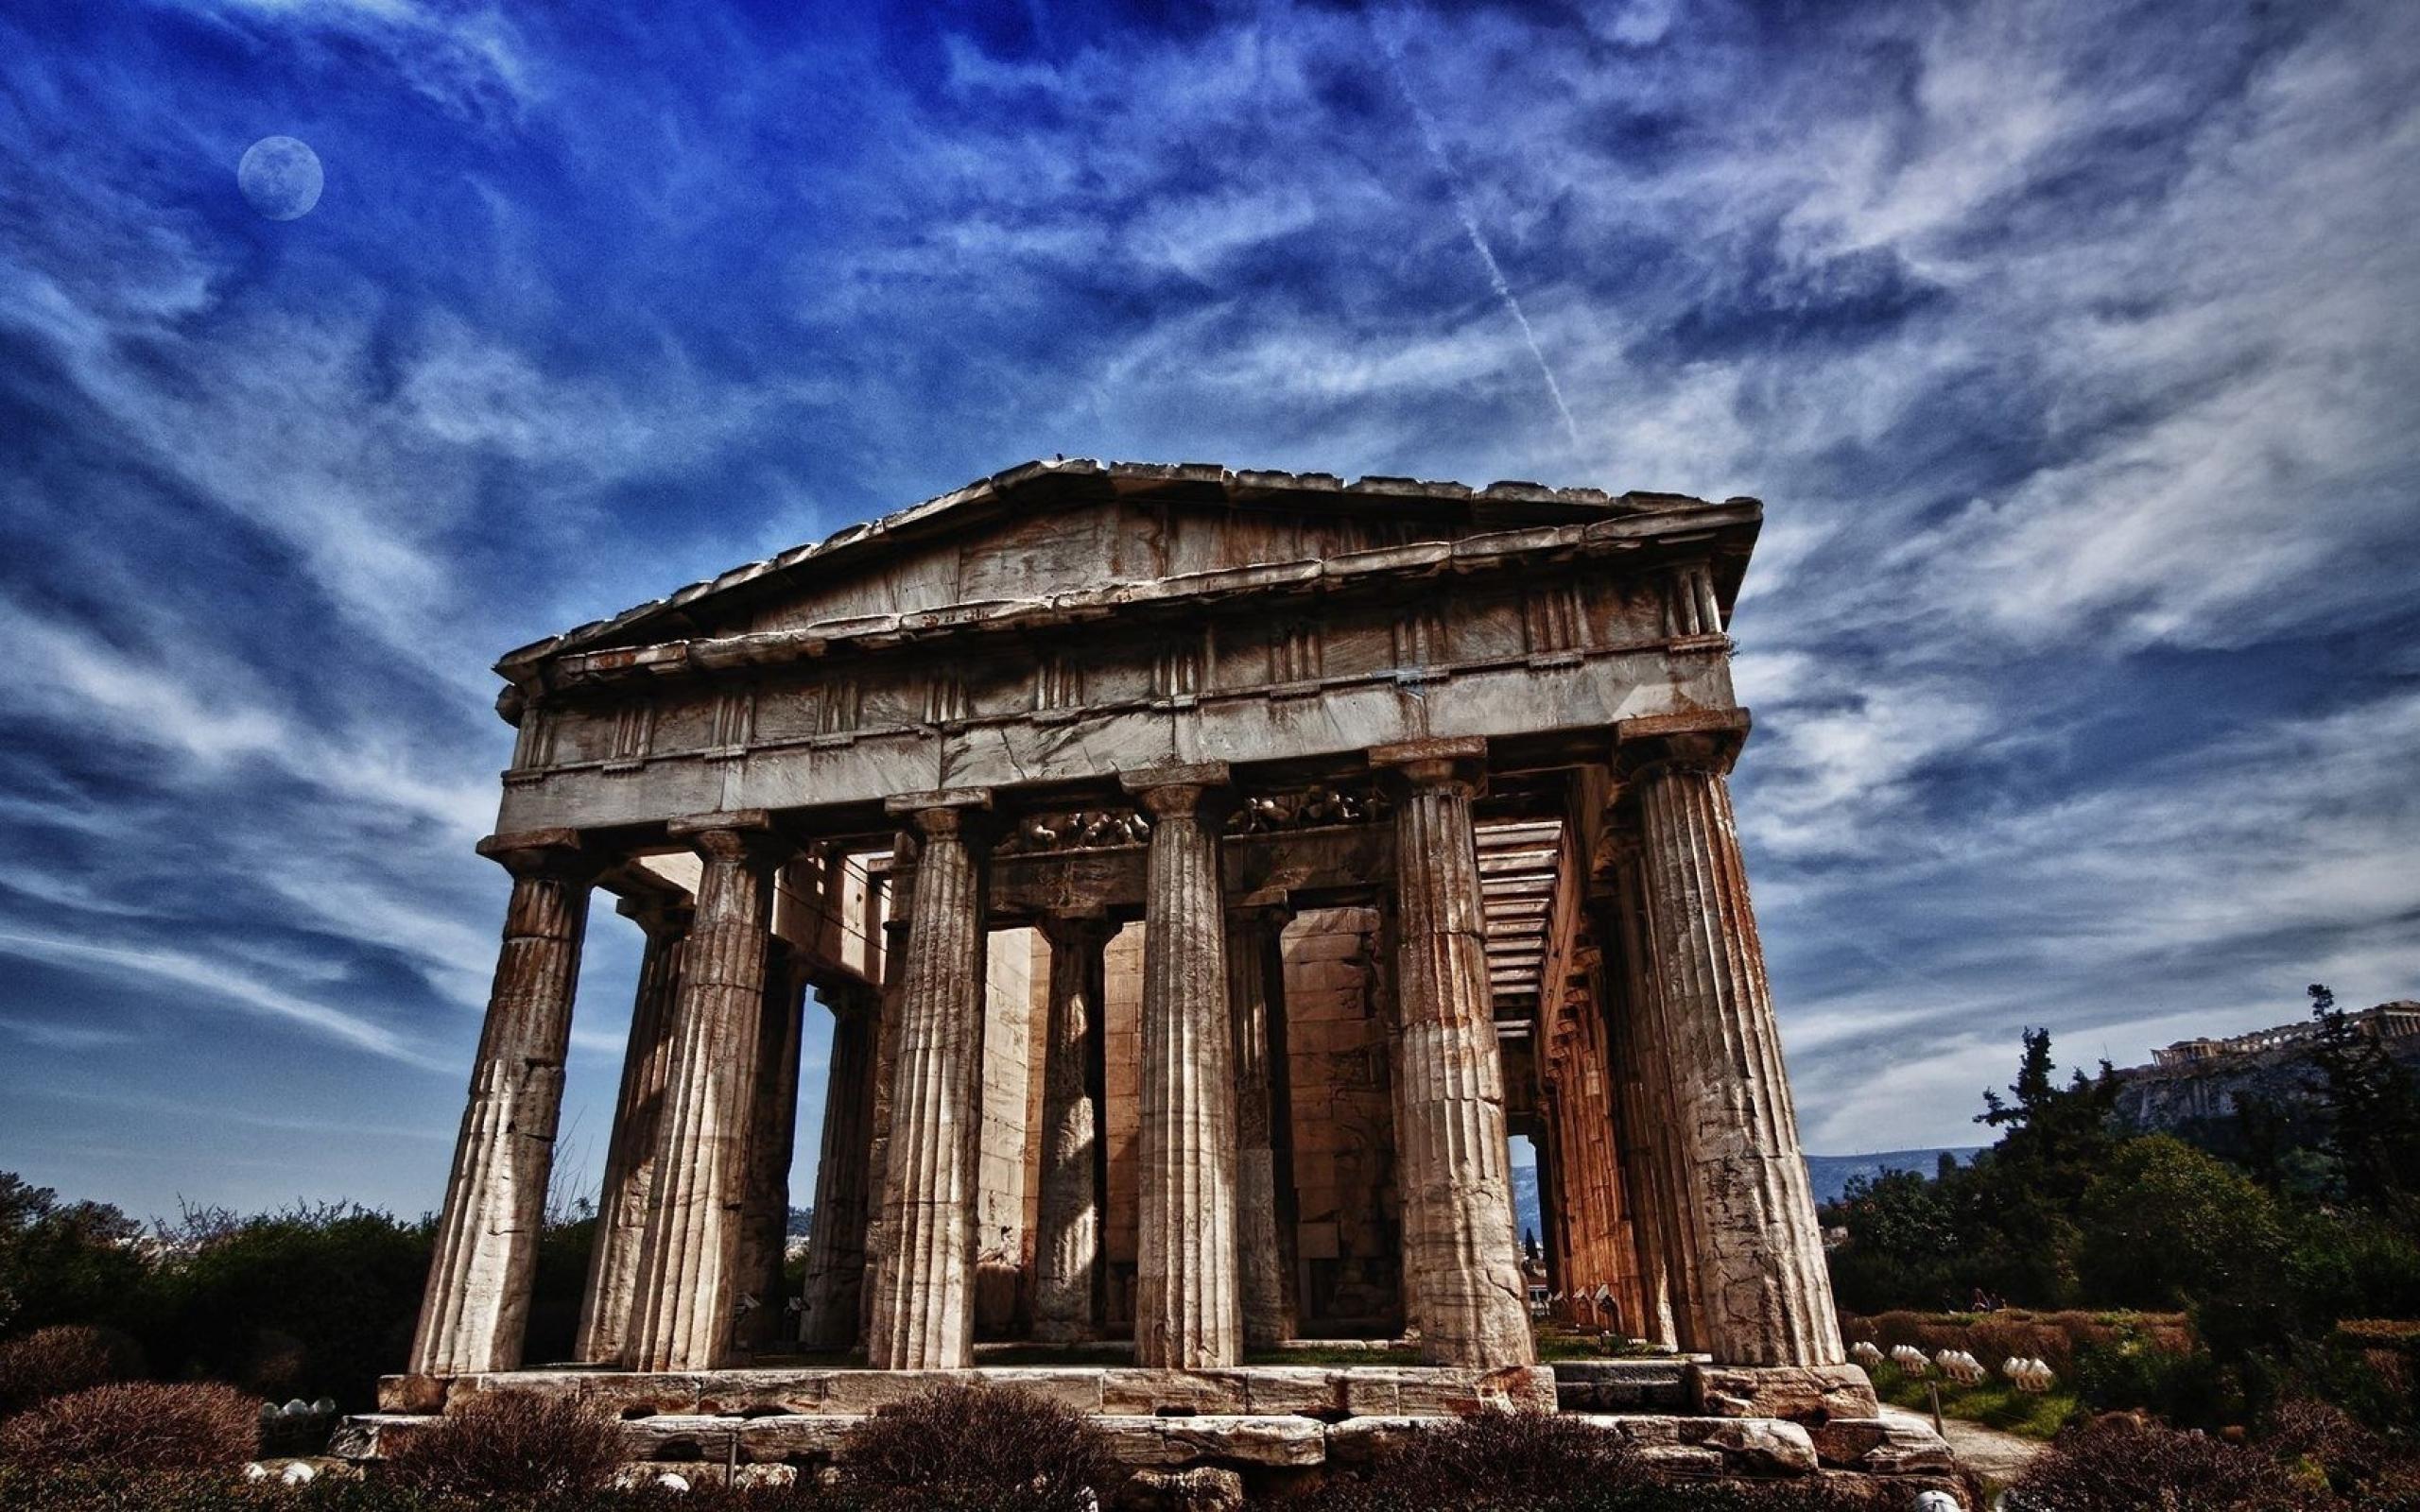 city_athens_parthenon_landmark_greece_58007_2560x1600